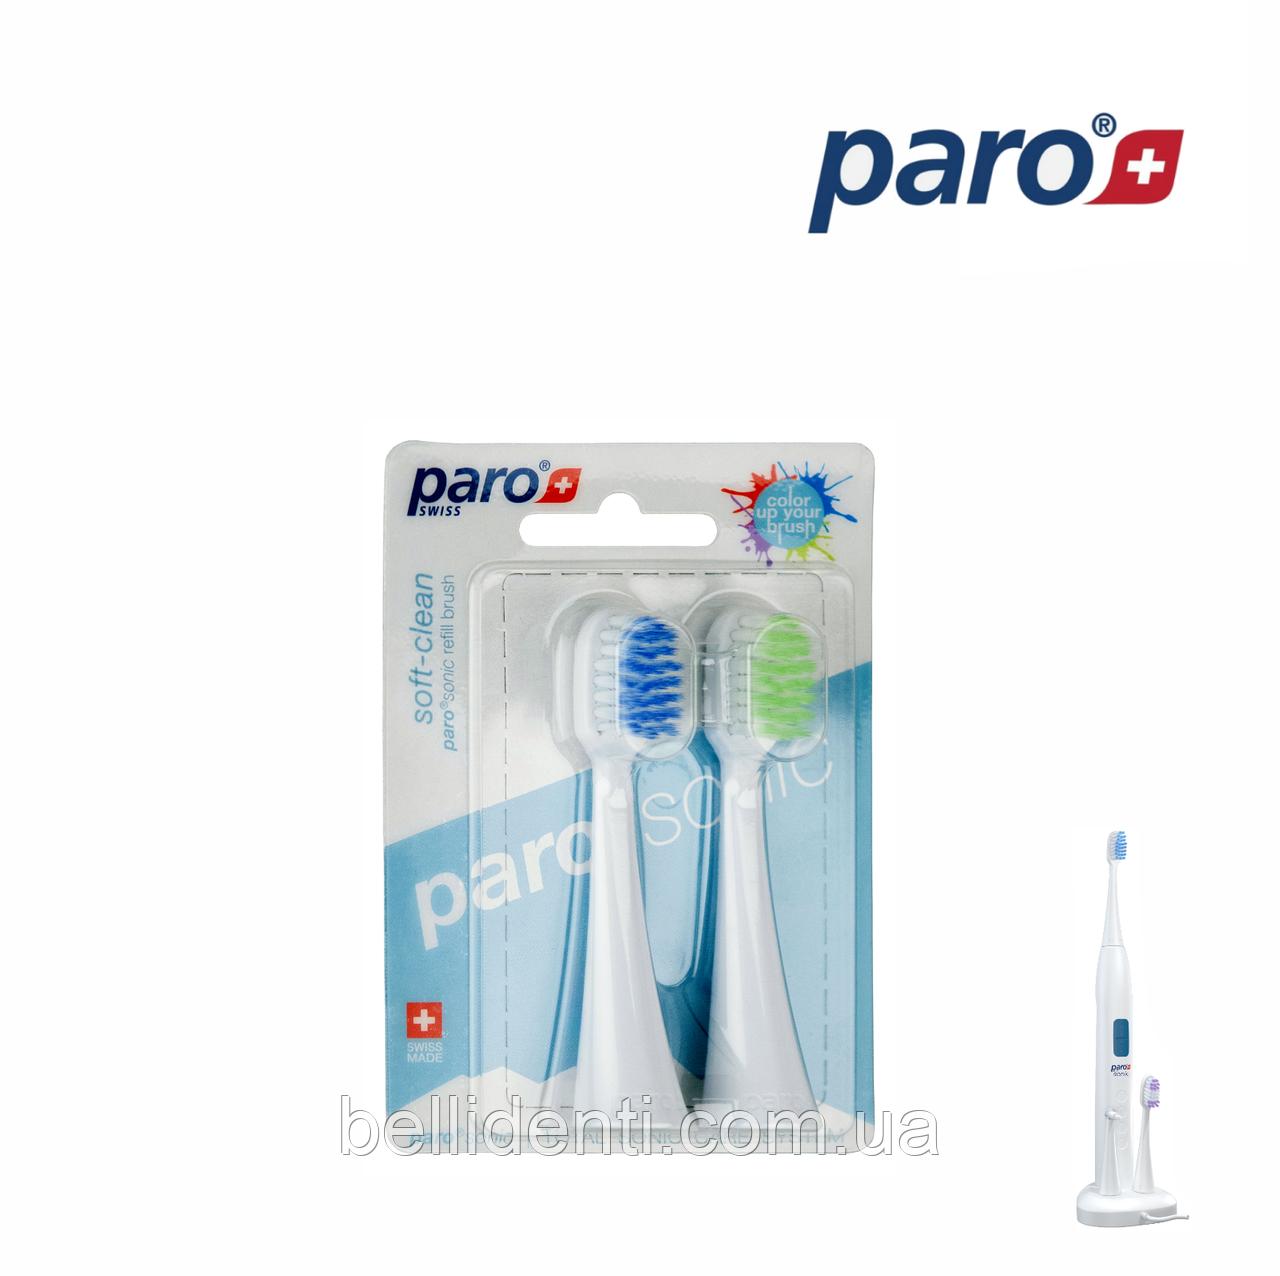 Сменные насадки для paro®sonic 7.760 soft-clean для нежного и тщательного очищения, 2 шт